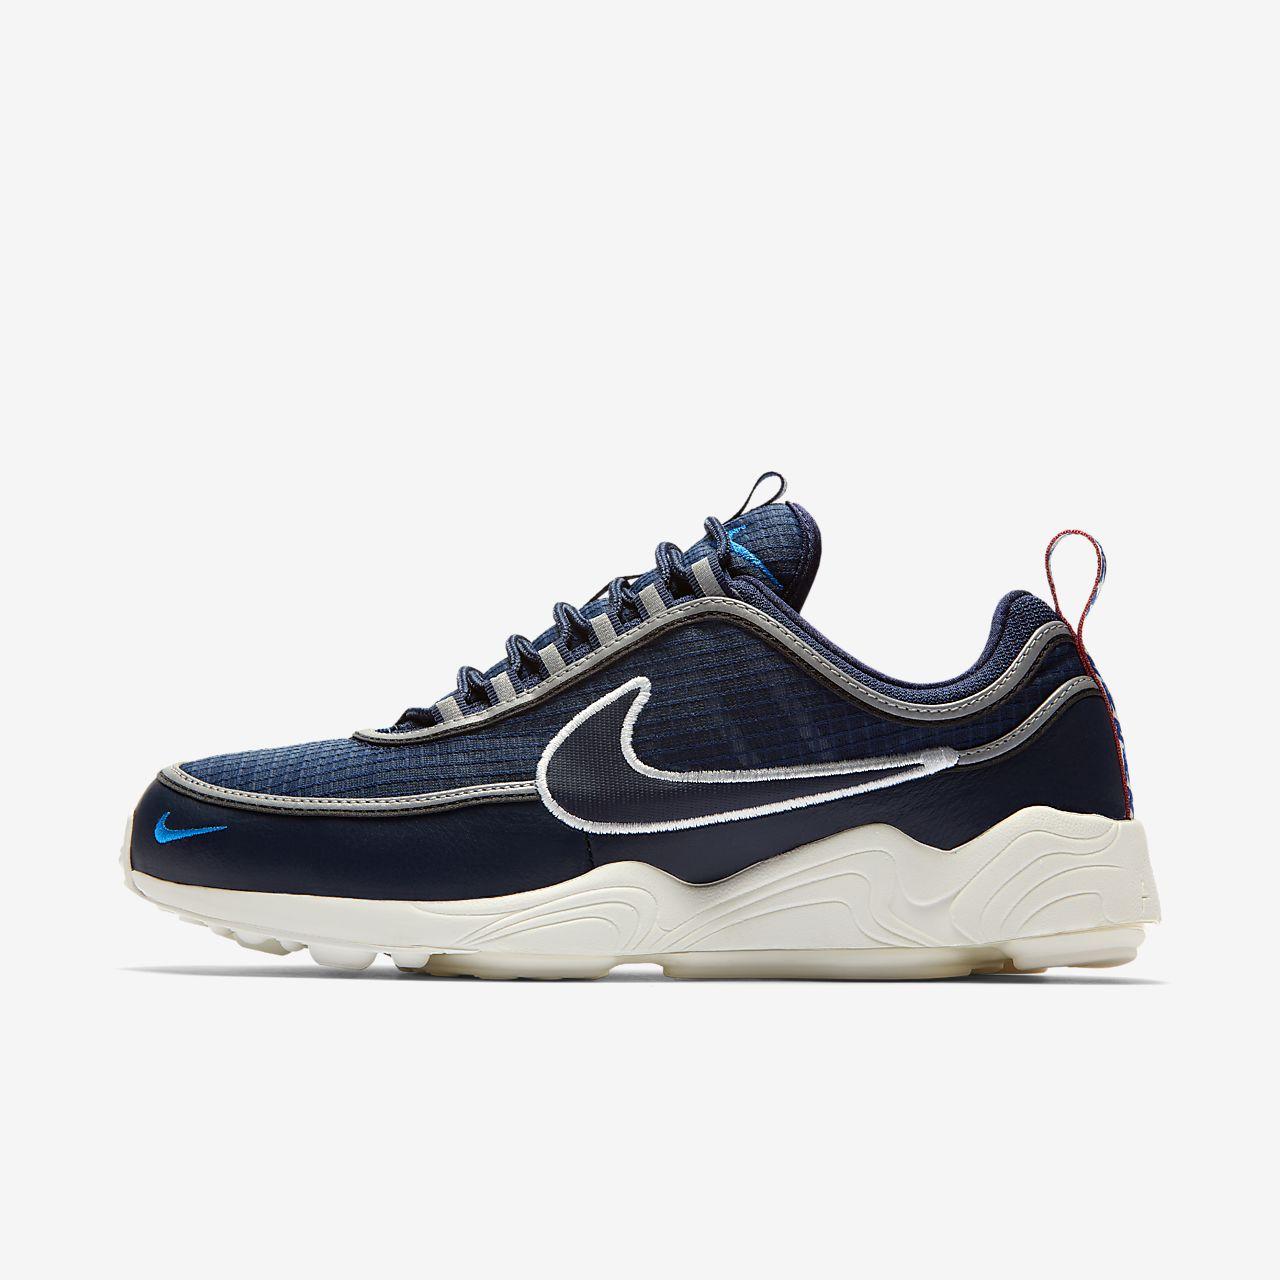 Nike - Air Zoom Elite 9 Hommes chaussure de course (gris) - EU 42,5 - US 9